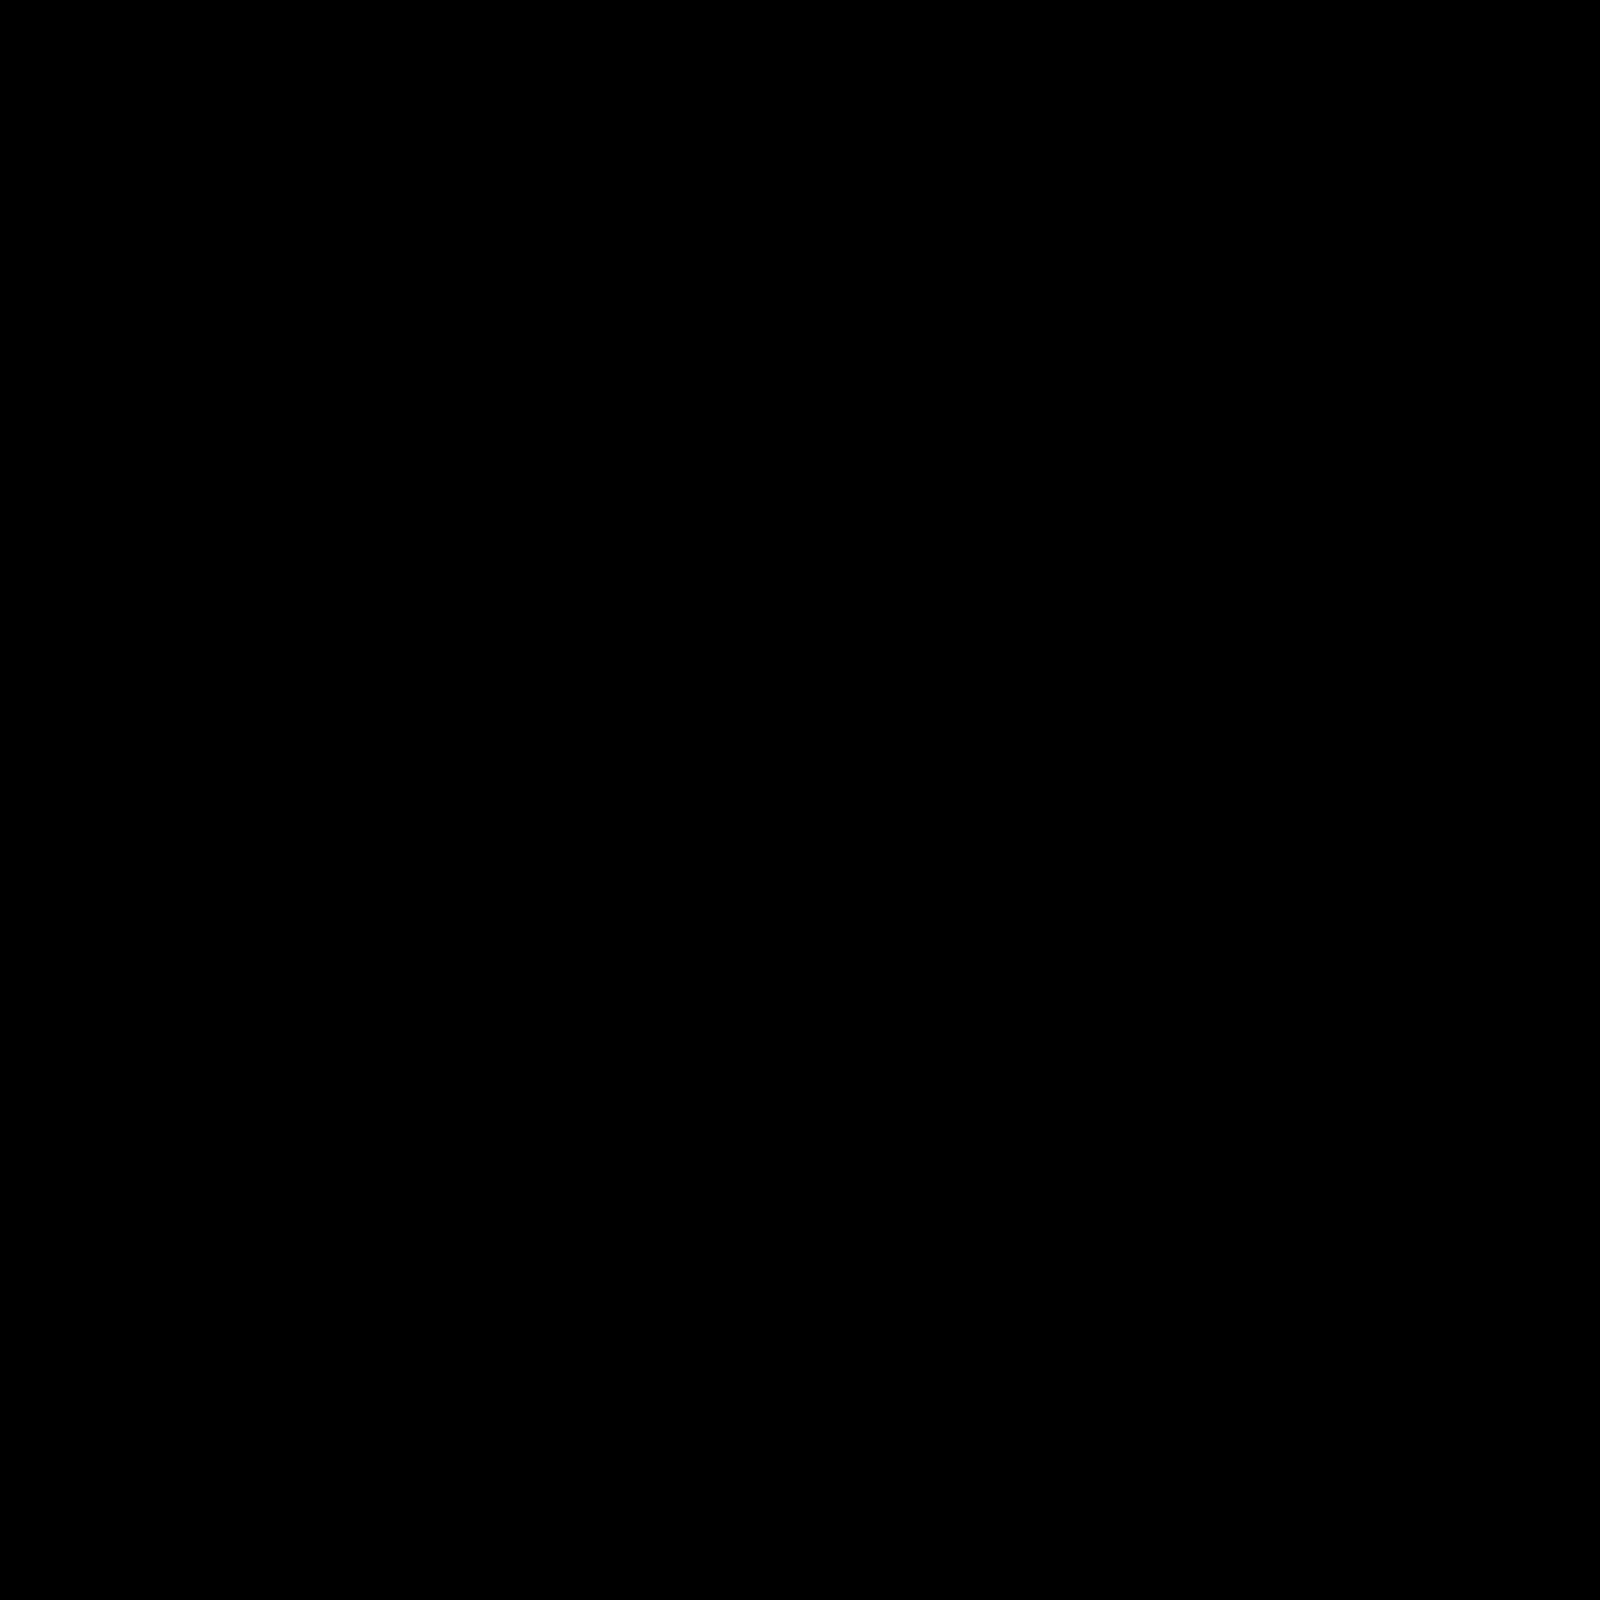 Like gefüllt icon